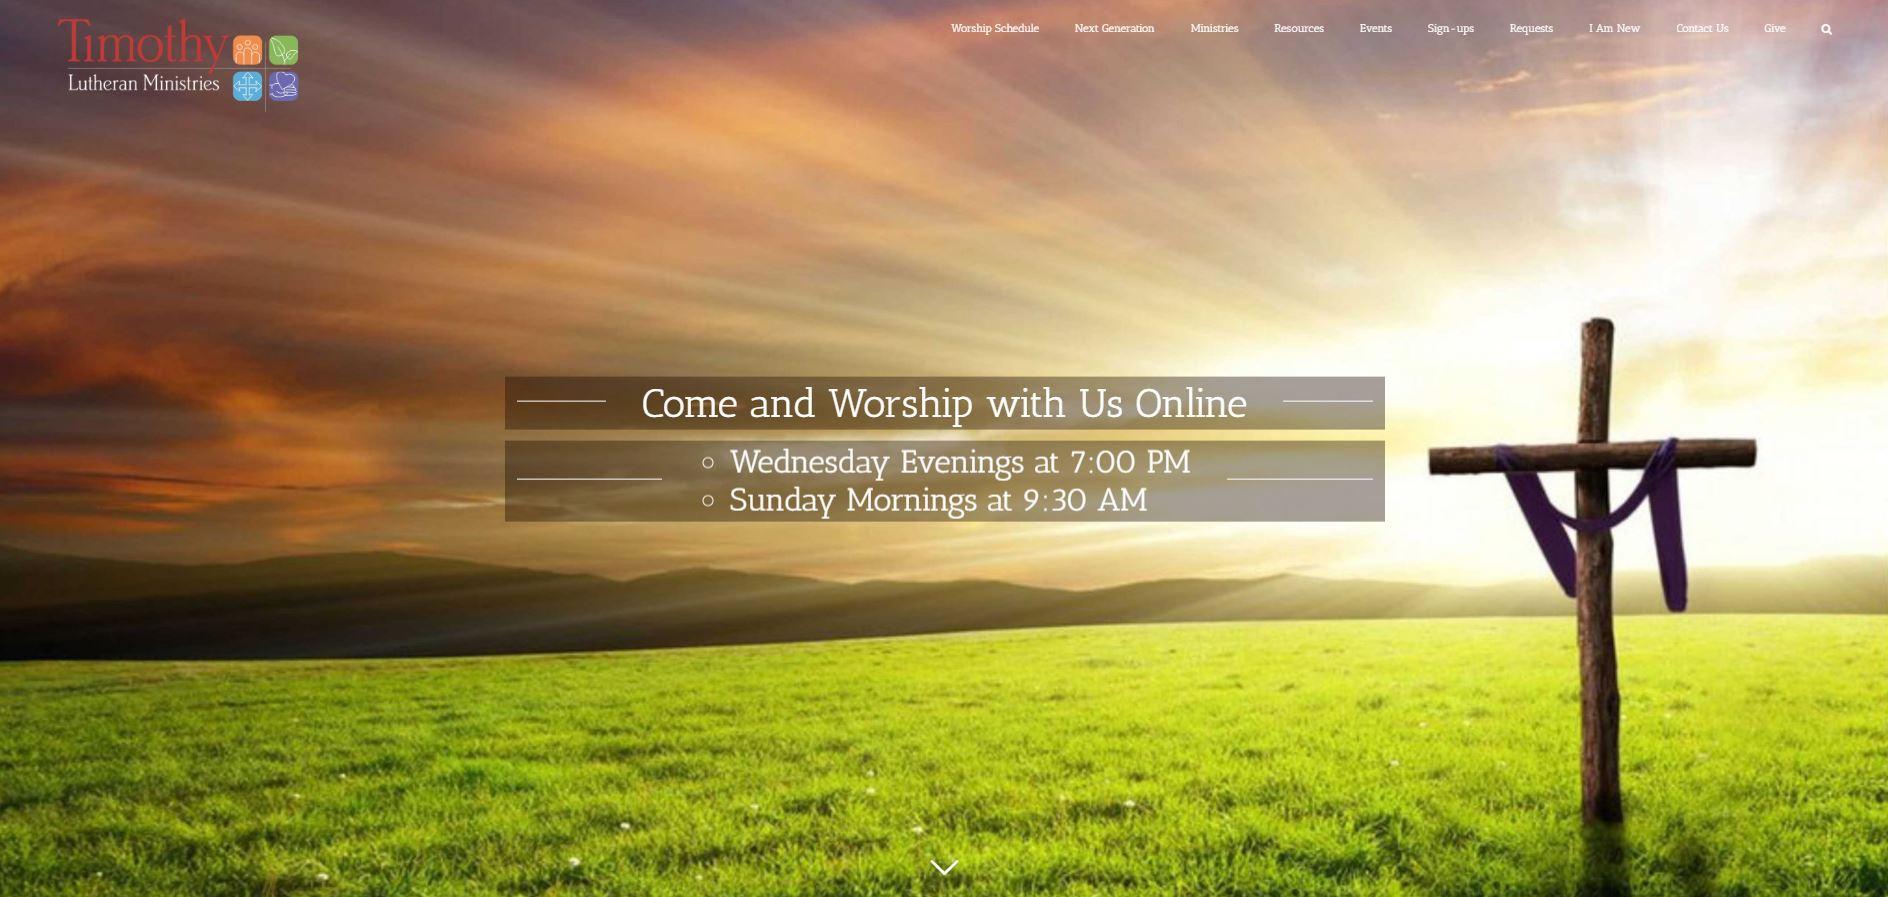 Timothy Worship Online